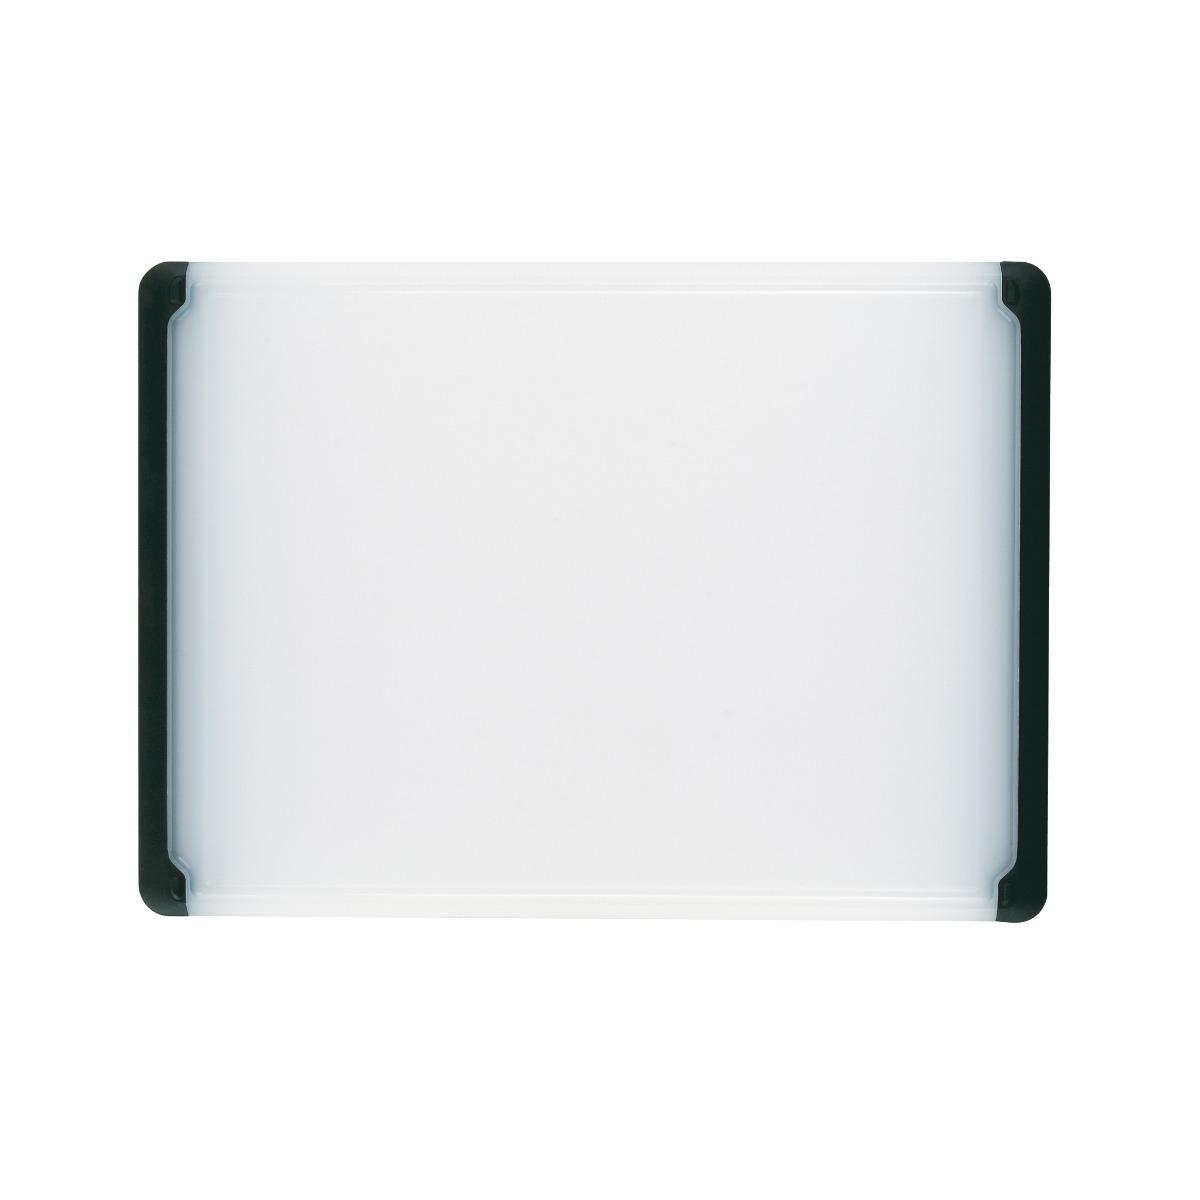 Utility Cutting Board - Black